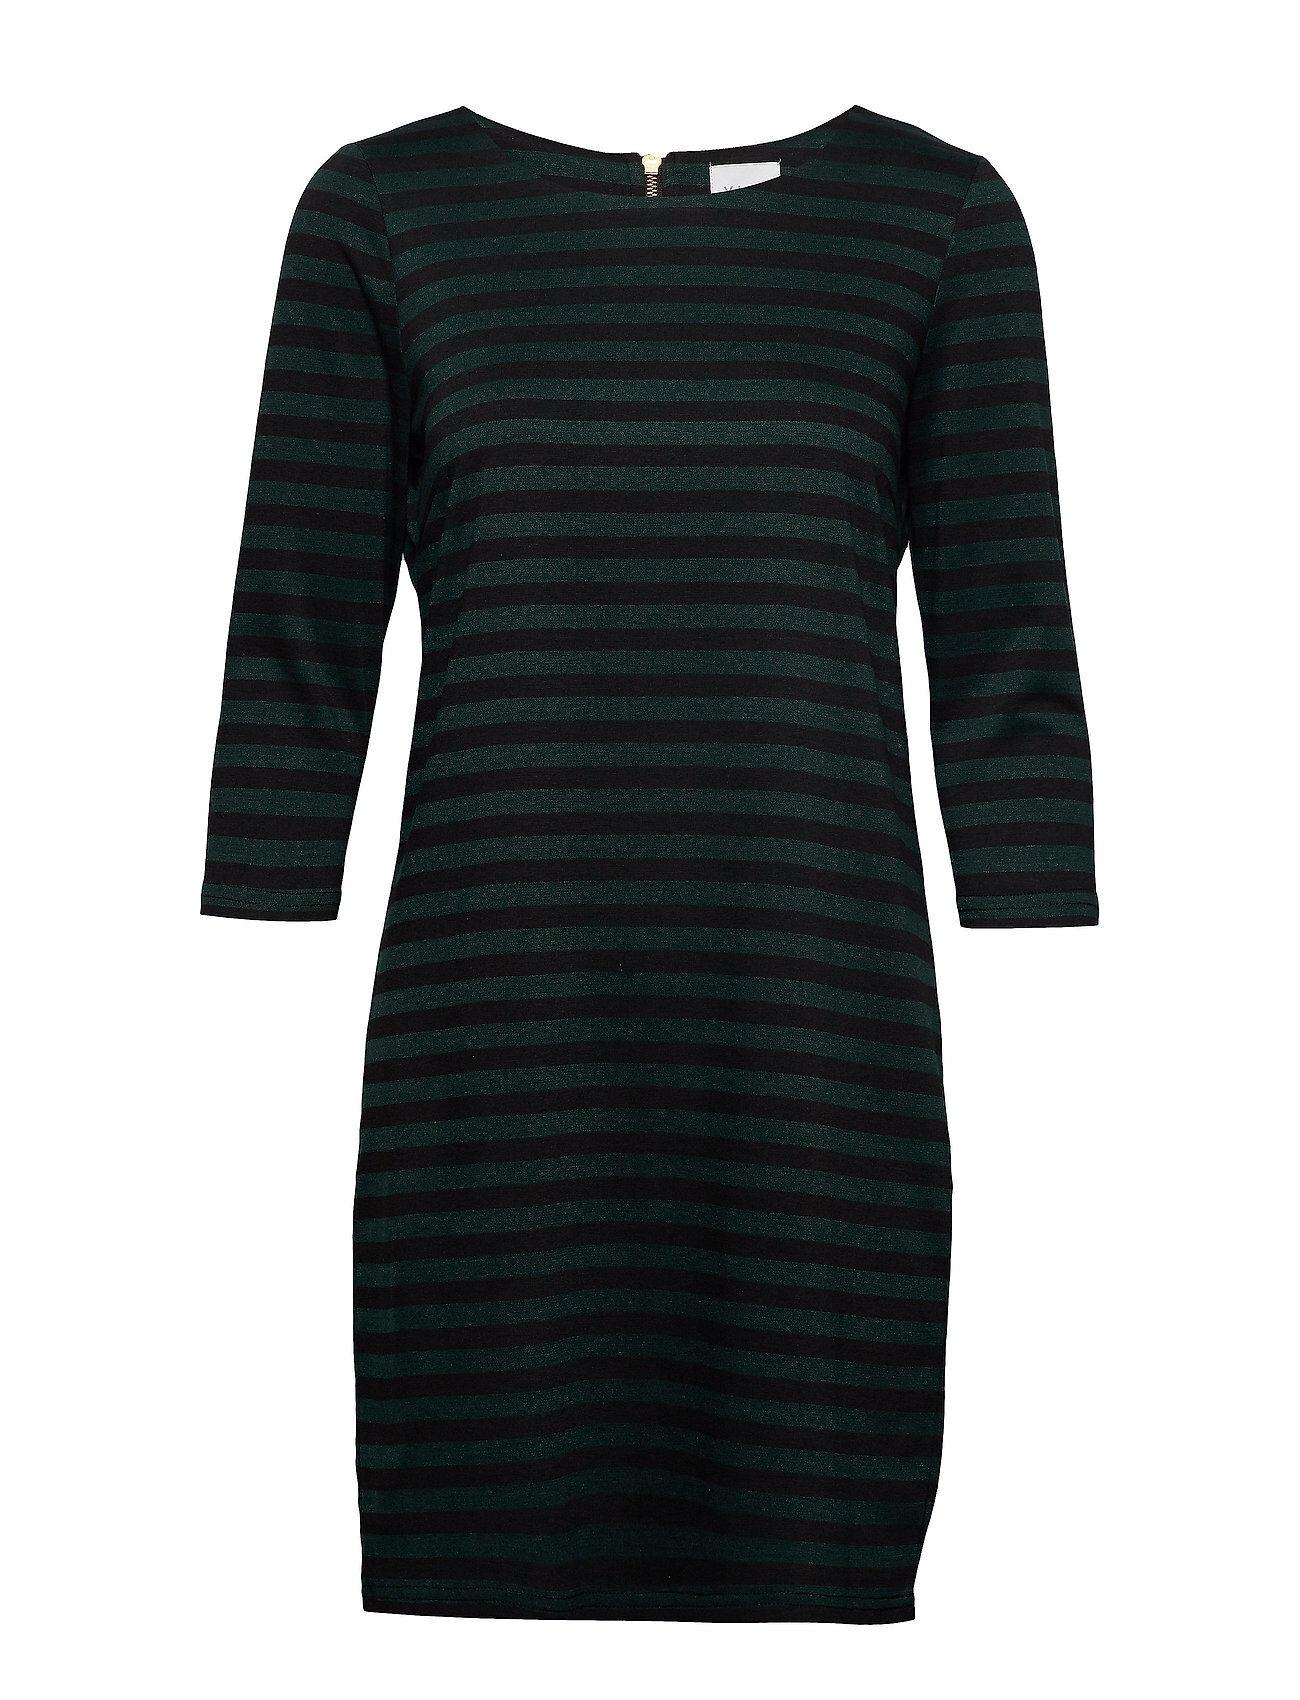 Vila Vitinny New Dress-Noos Lyhyt Mekko Musta Vila